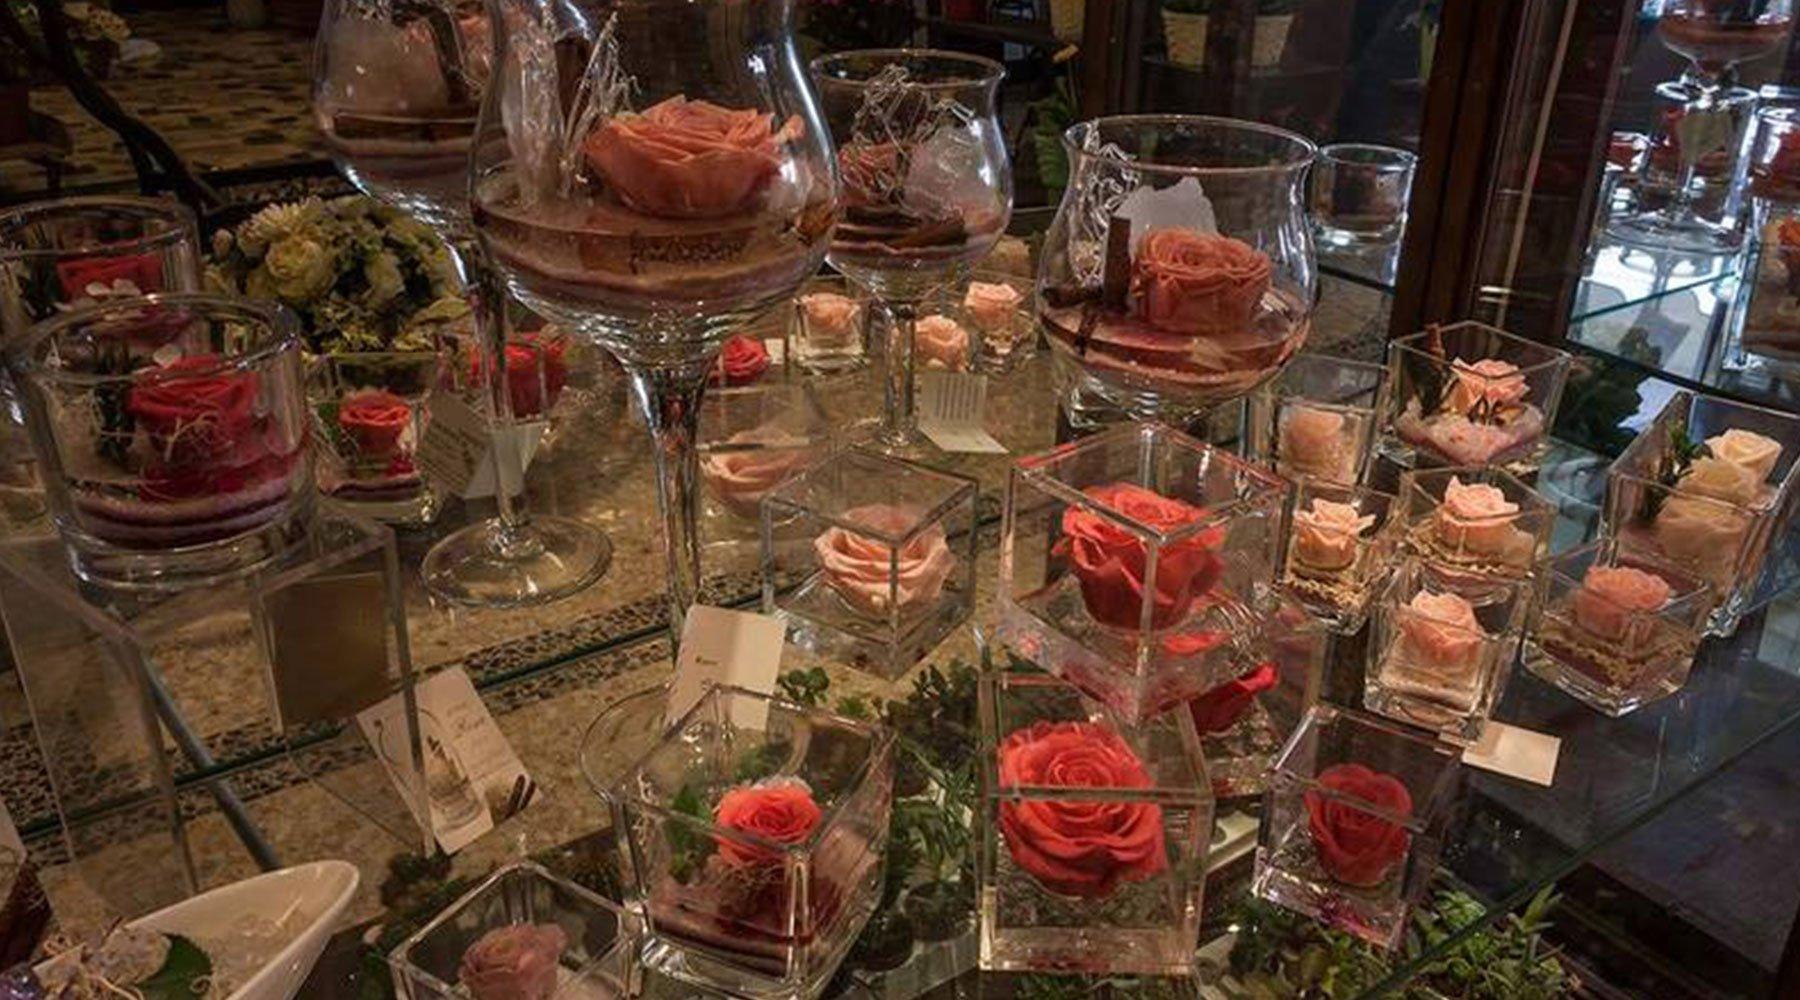 Mensole con Rose di vari colori all'interno di bicchieri di vino dalle forme rotonde e quadrate